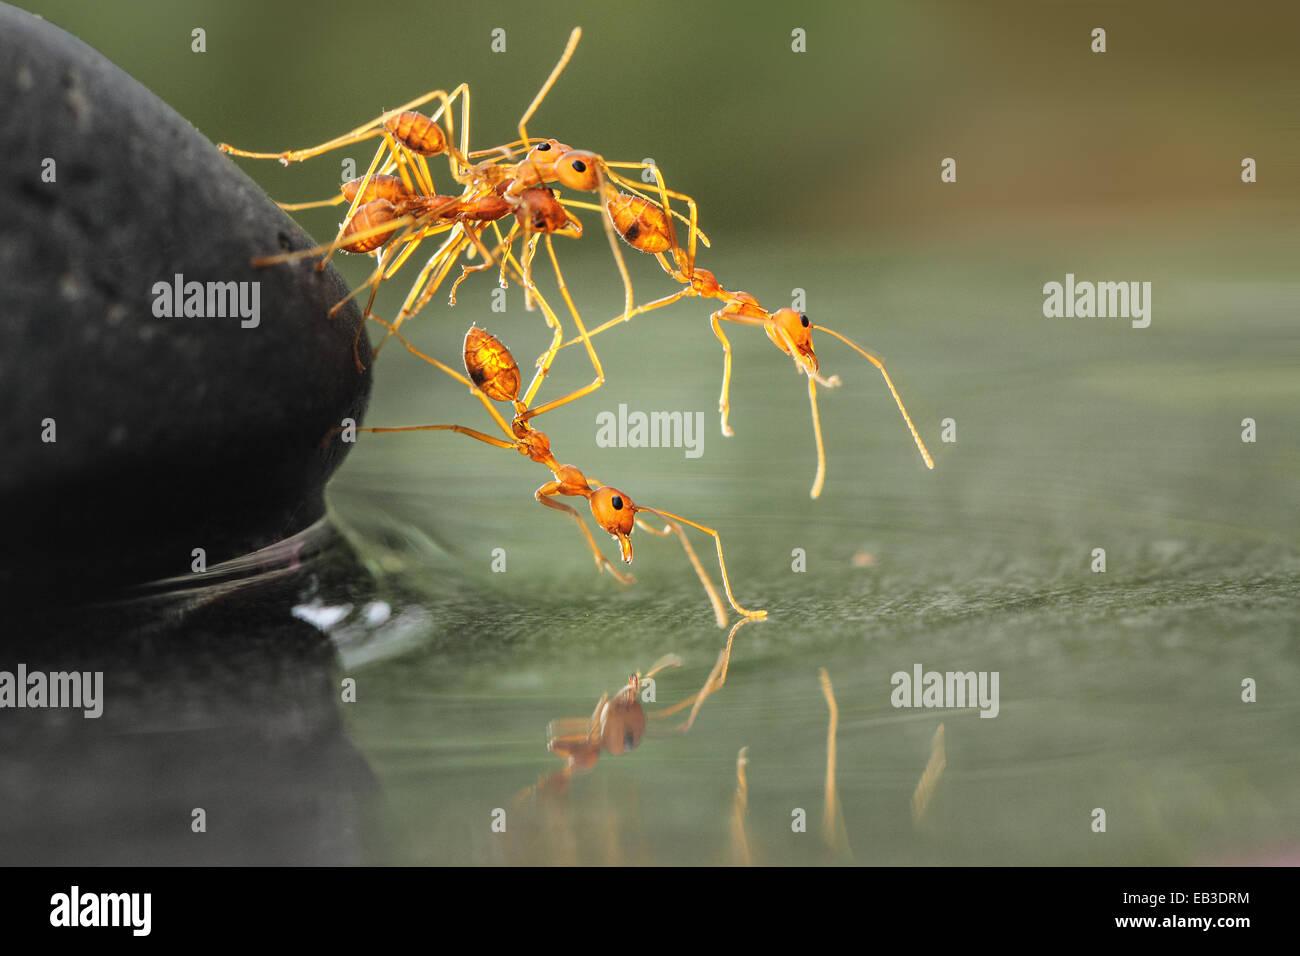 Les fourmis d'aider les uns les autres Photo Stock